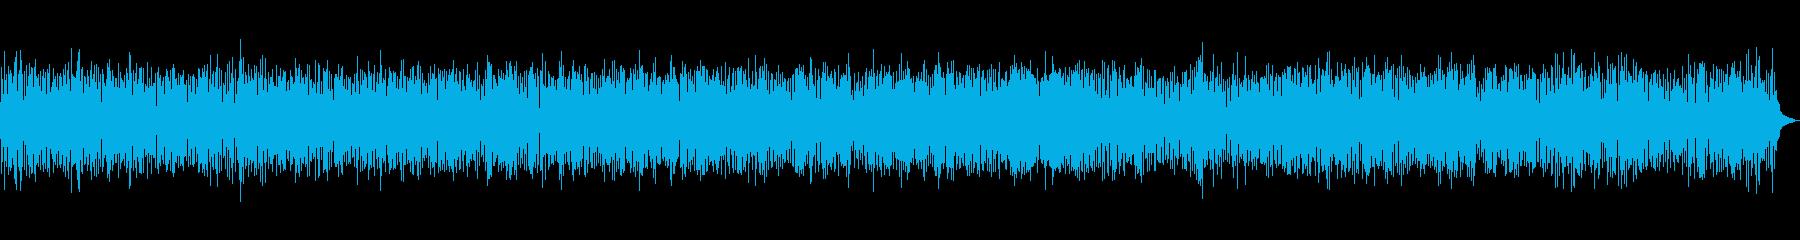 JAZZ|バラード・しっとり癒しのSAXの再生済みの波形